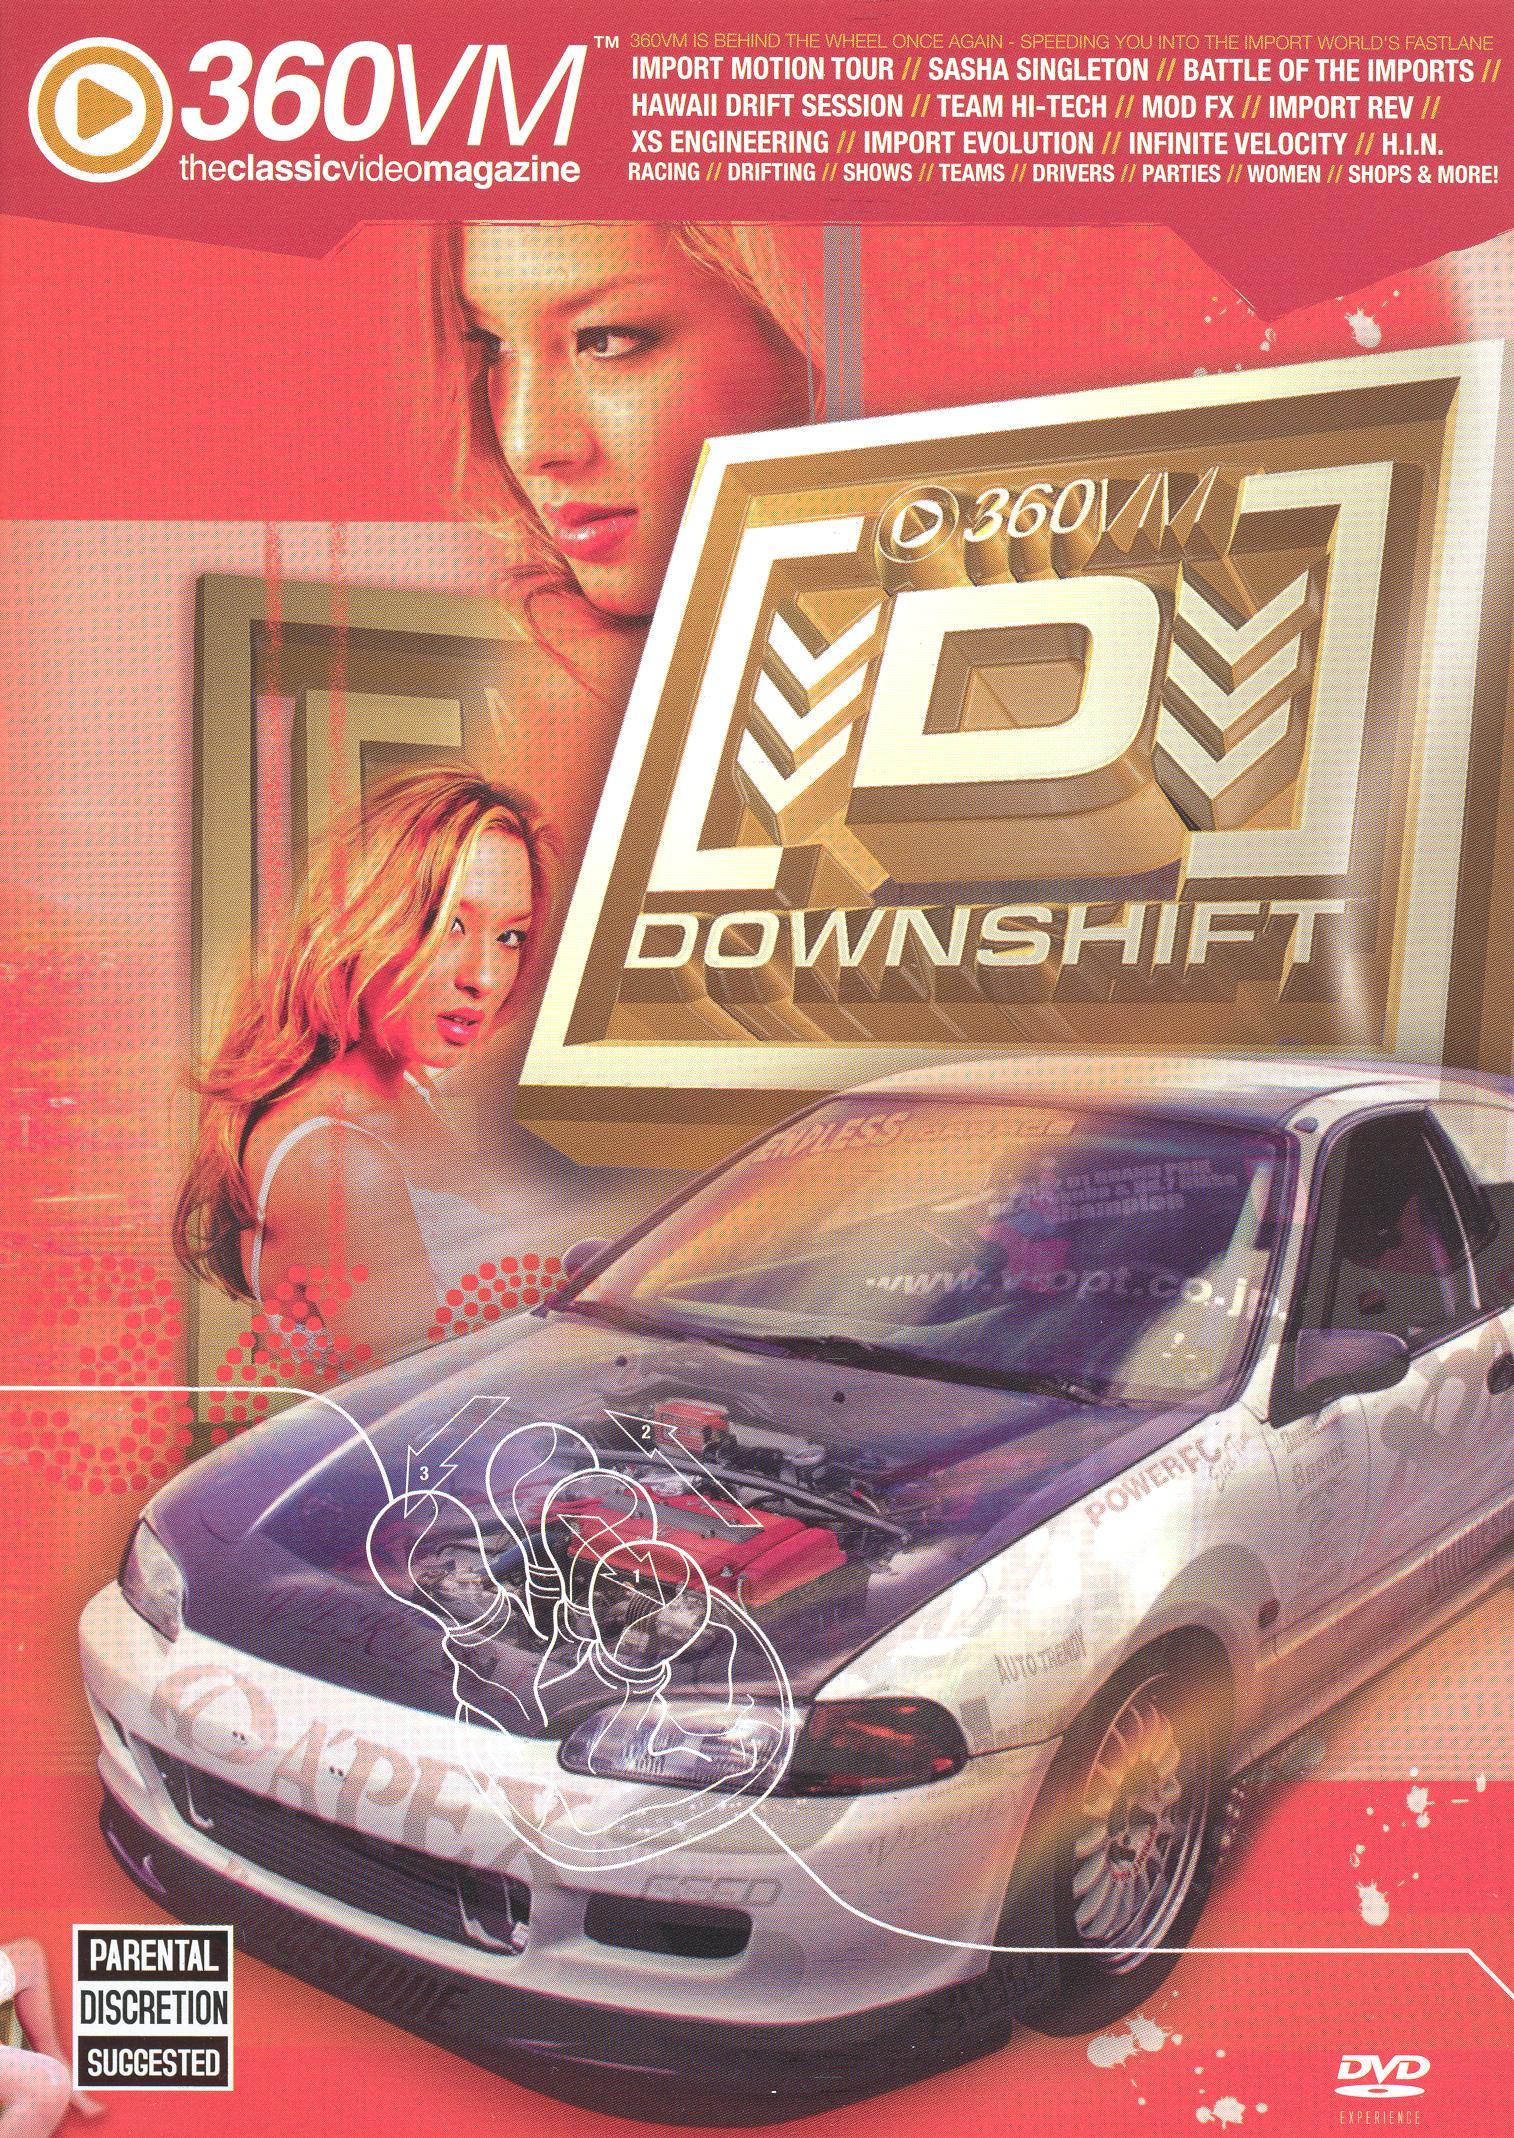 360 Video Magazine: Downshift